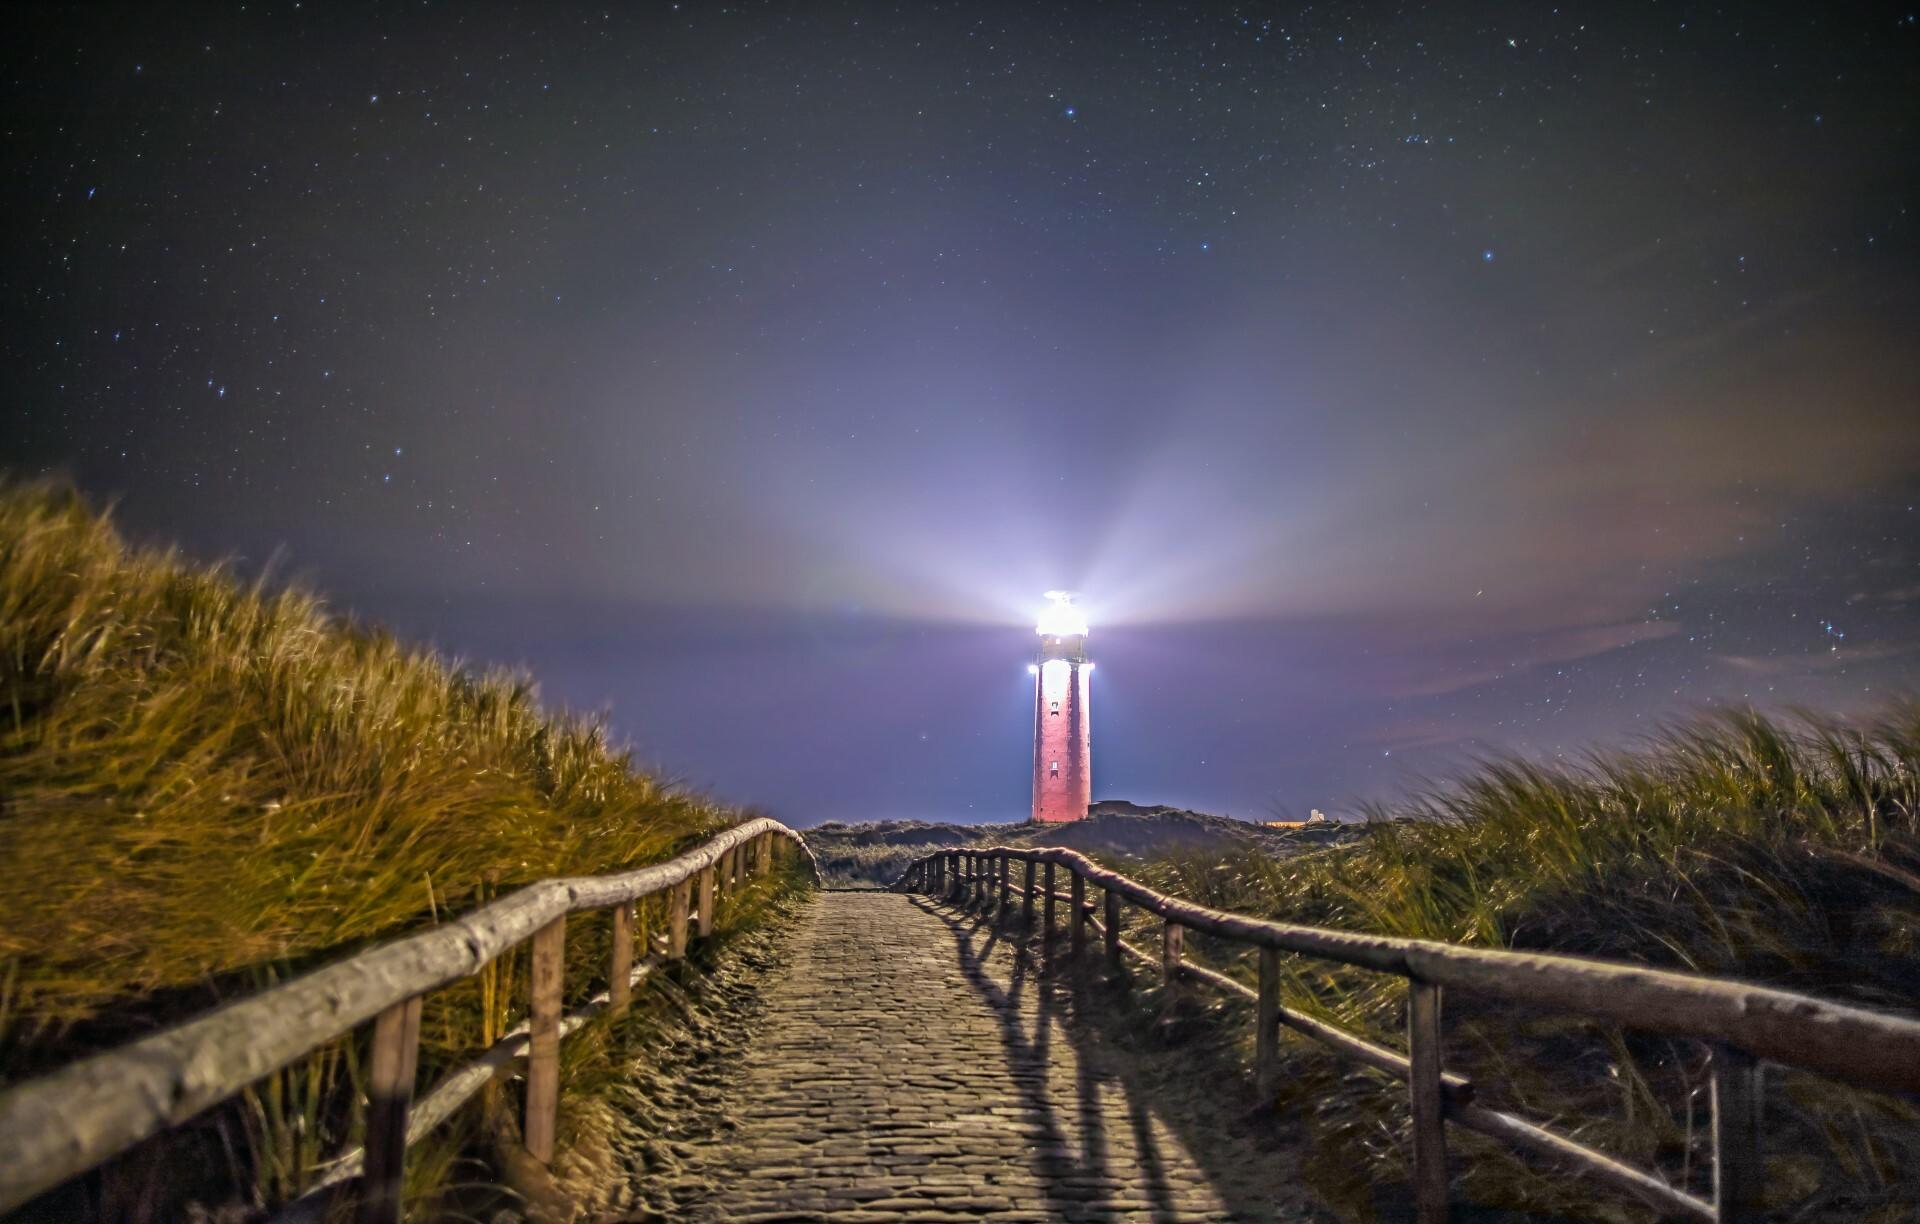 Vuurtoren met licht in de nacht VVV Texel fotograaf Justin Sinner